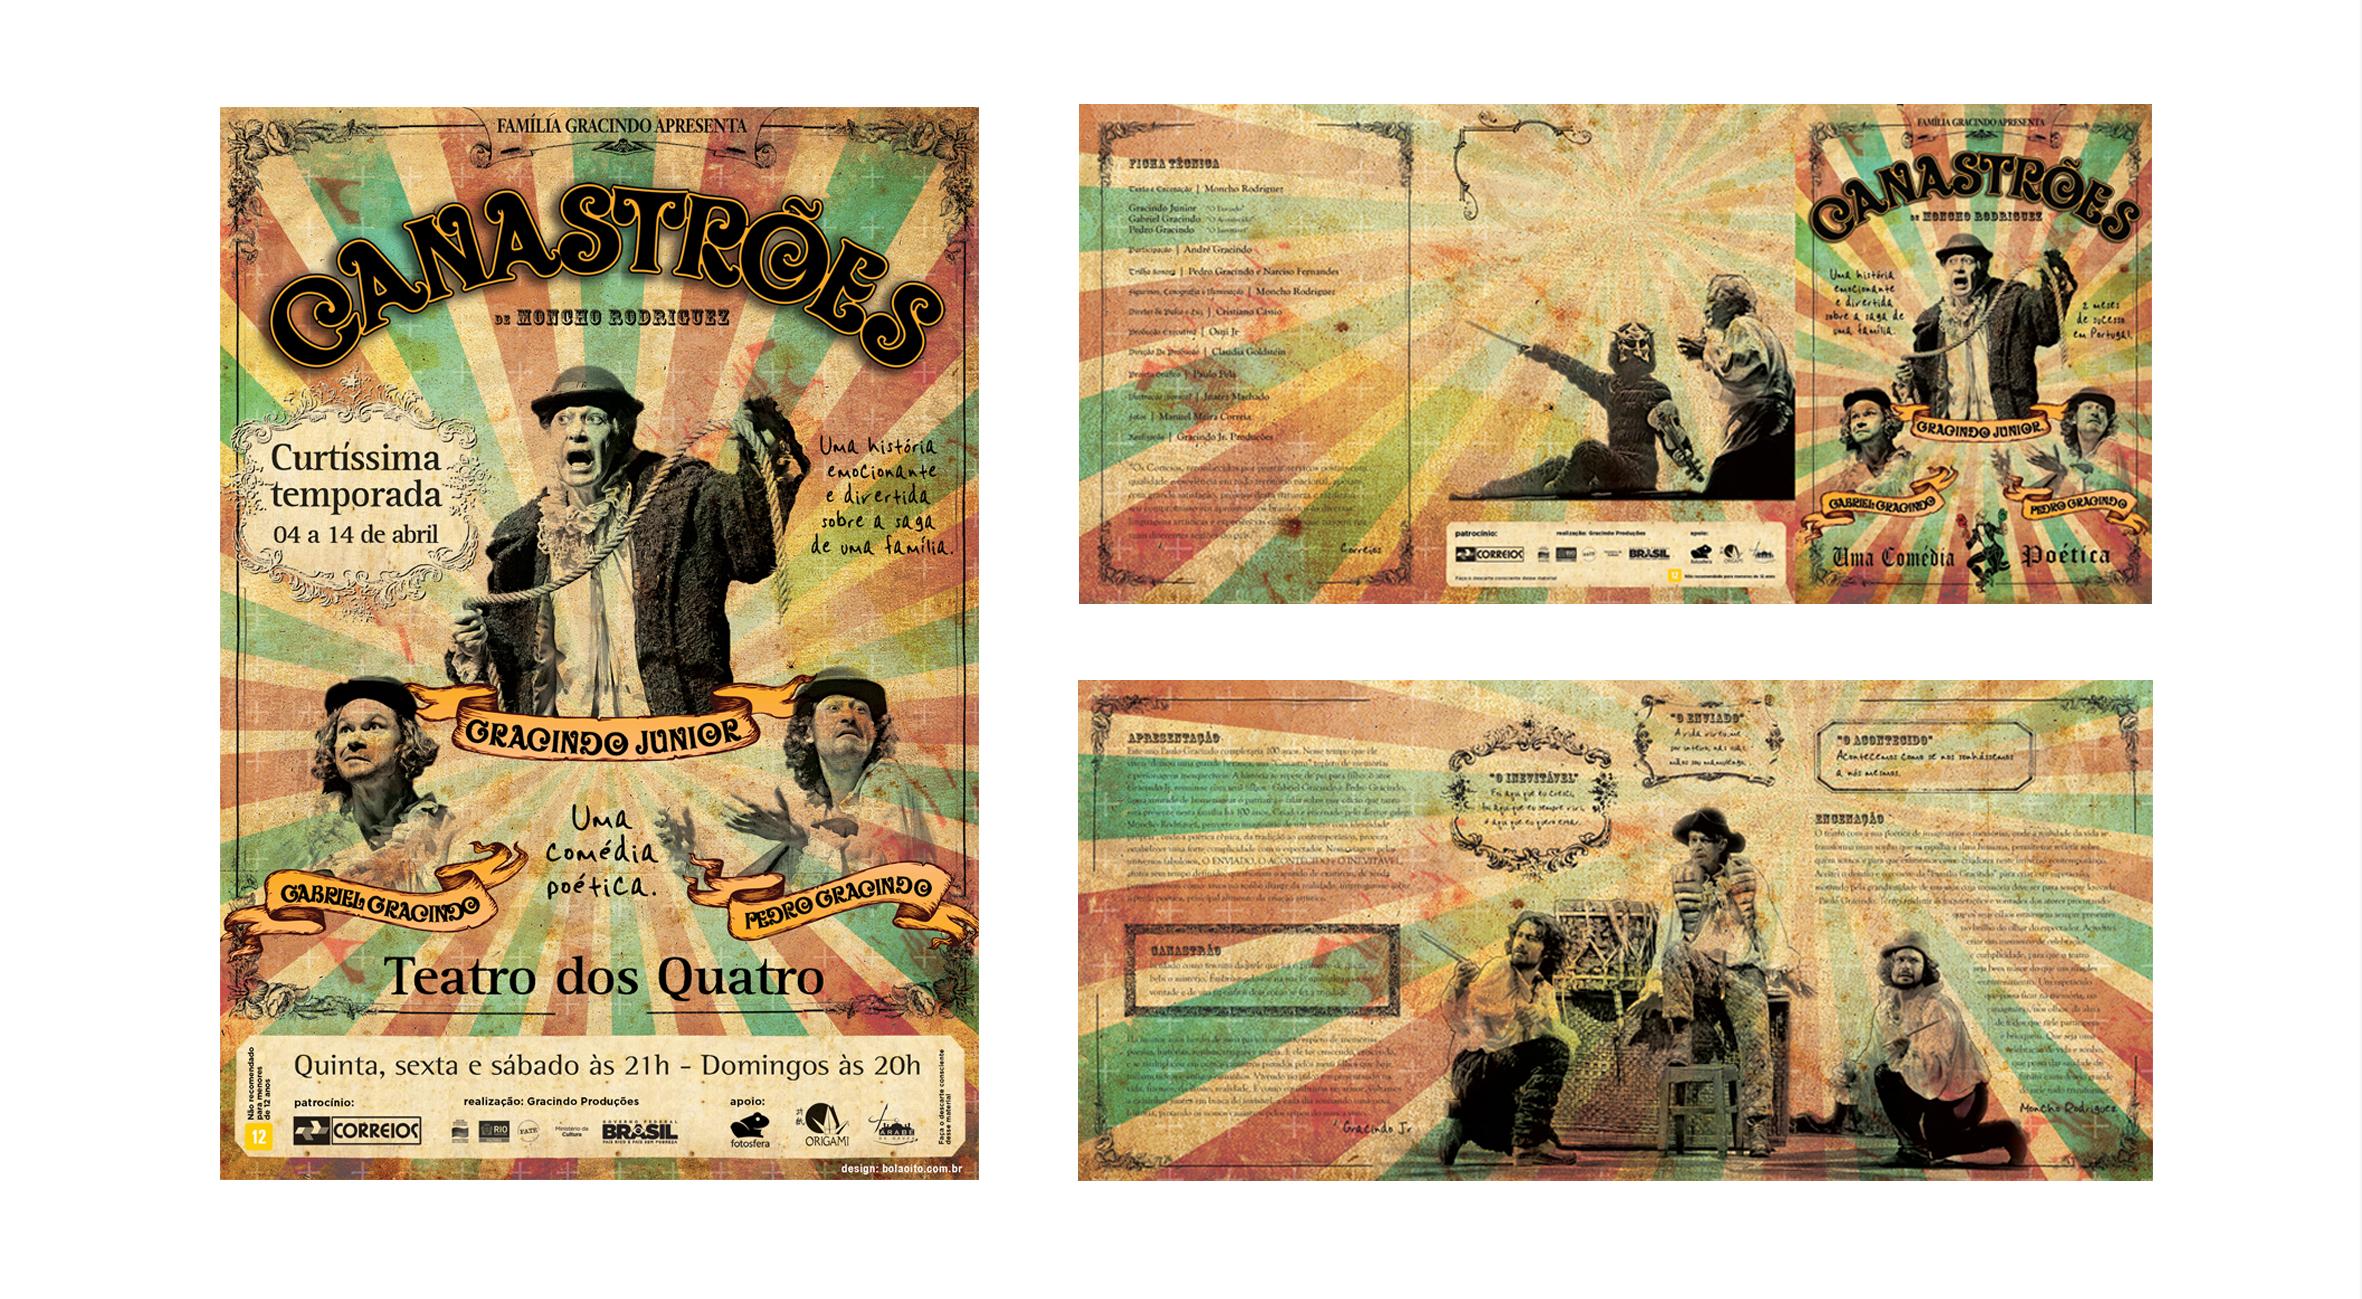 Peça Canastroes com Gracindo Jr.